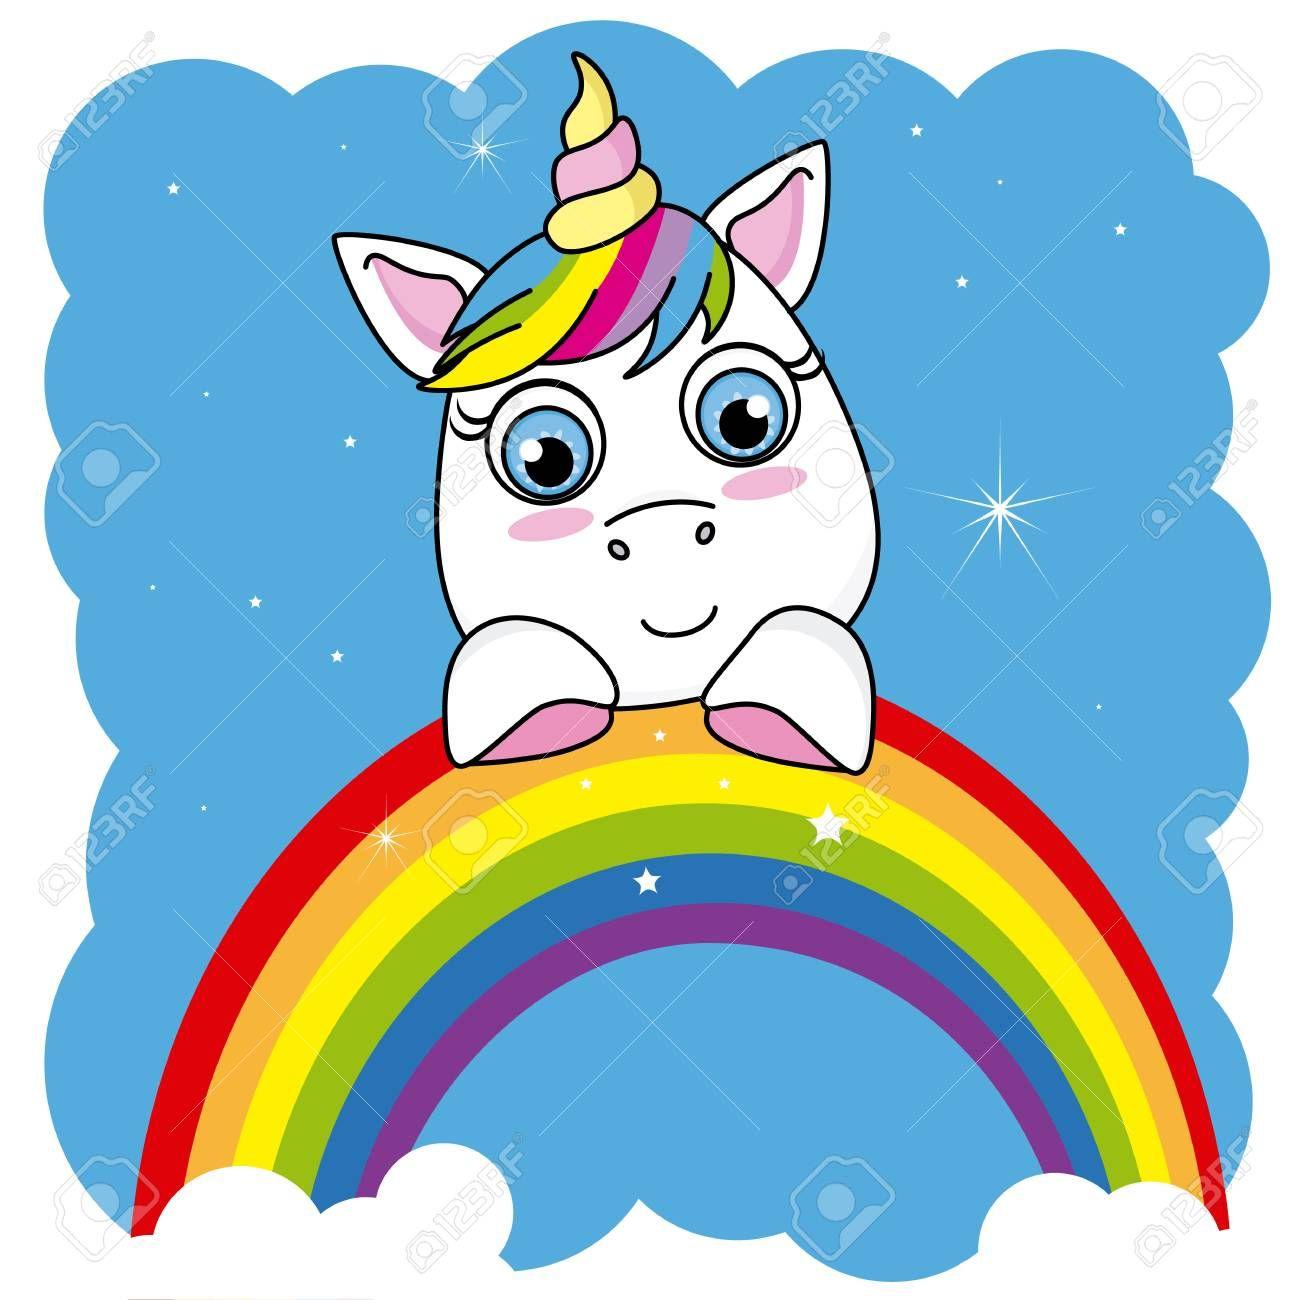 Cute Cartoon Unicorn On A Rainbow Ad Cartoon Cute Rainbow